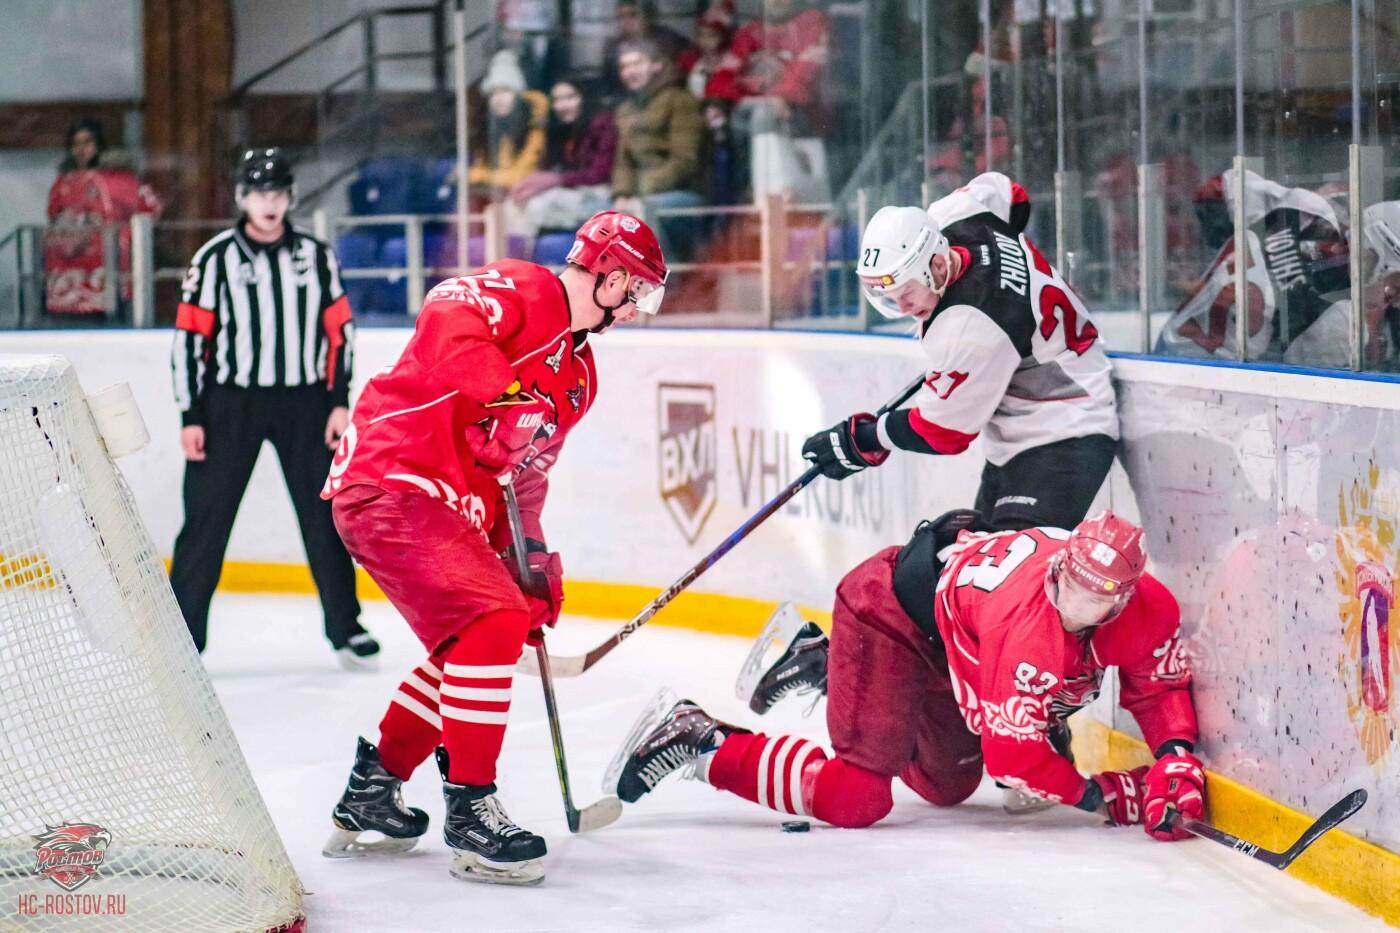 ХК «Тамбов»: выездную серию начали с сухой победы в Ростове, фото-4